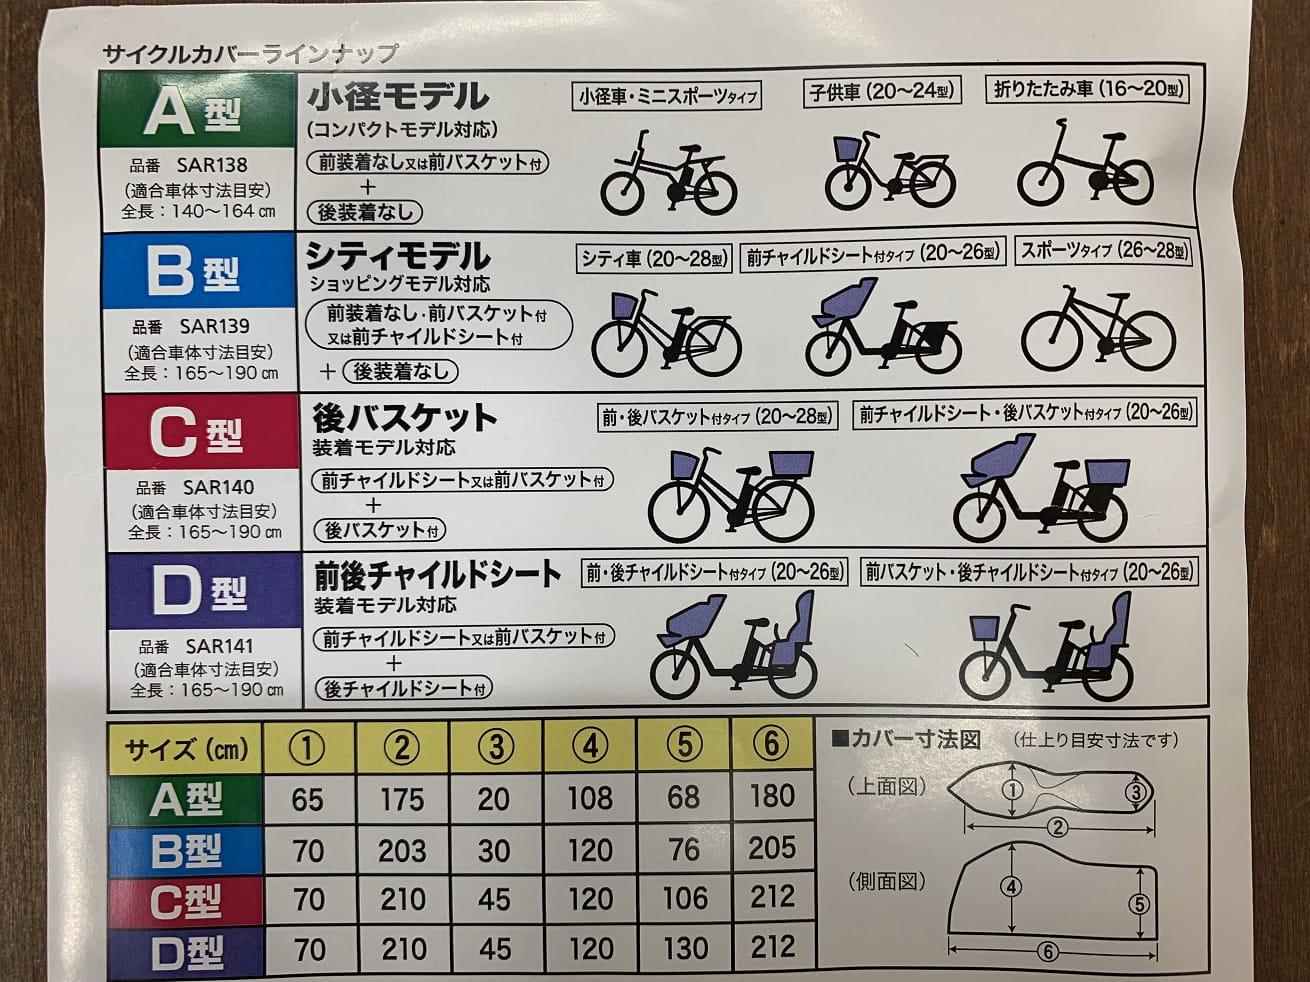 パナソニック純正サイクルカバーのサイズ表